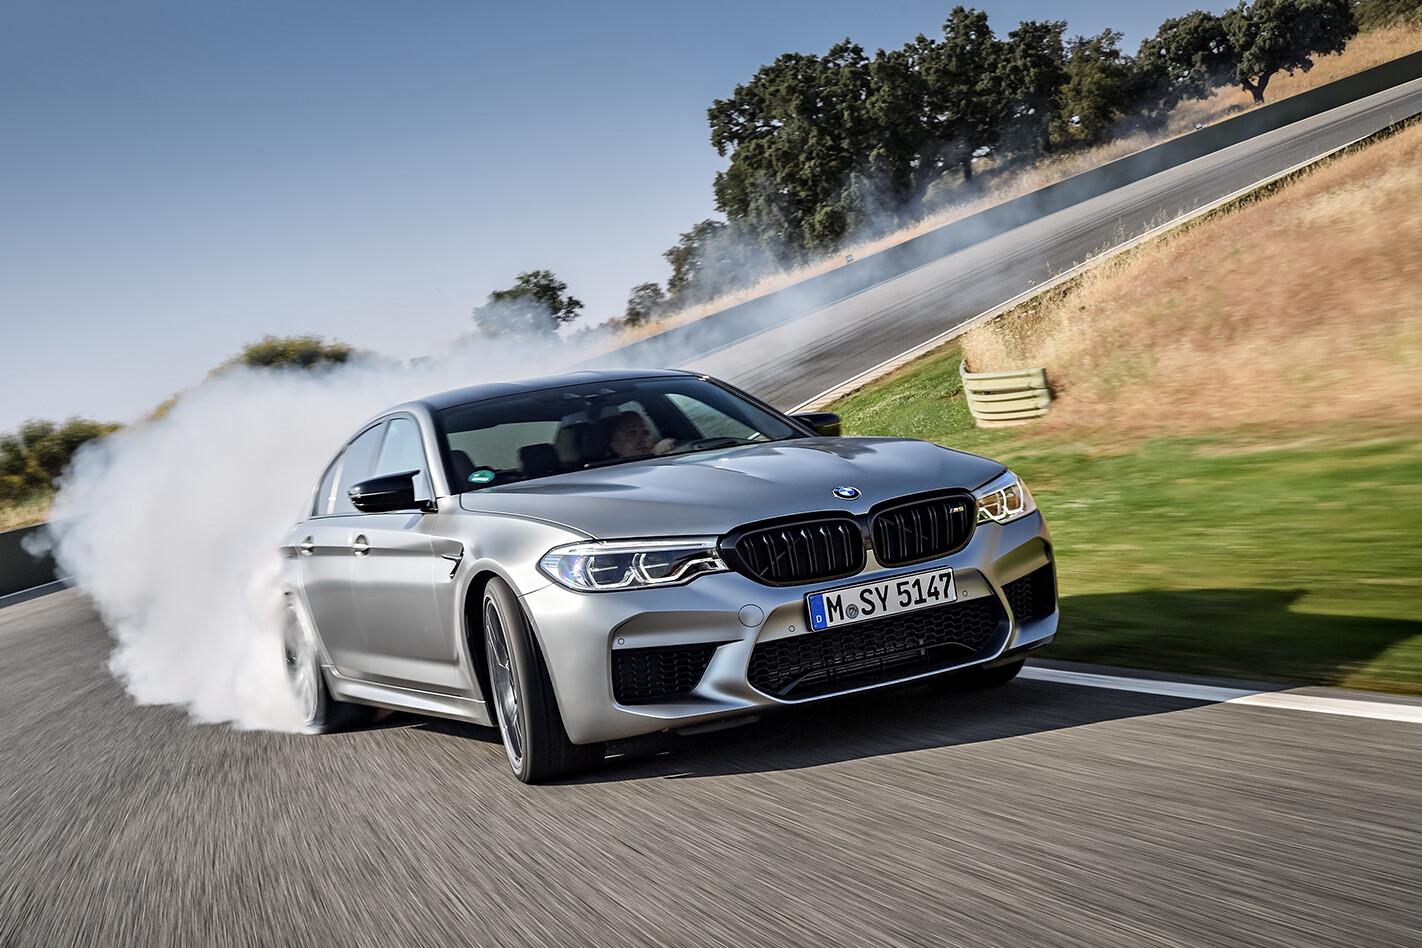 BMW M 5 Body Copy Jpg